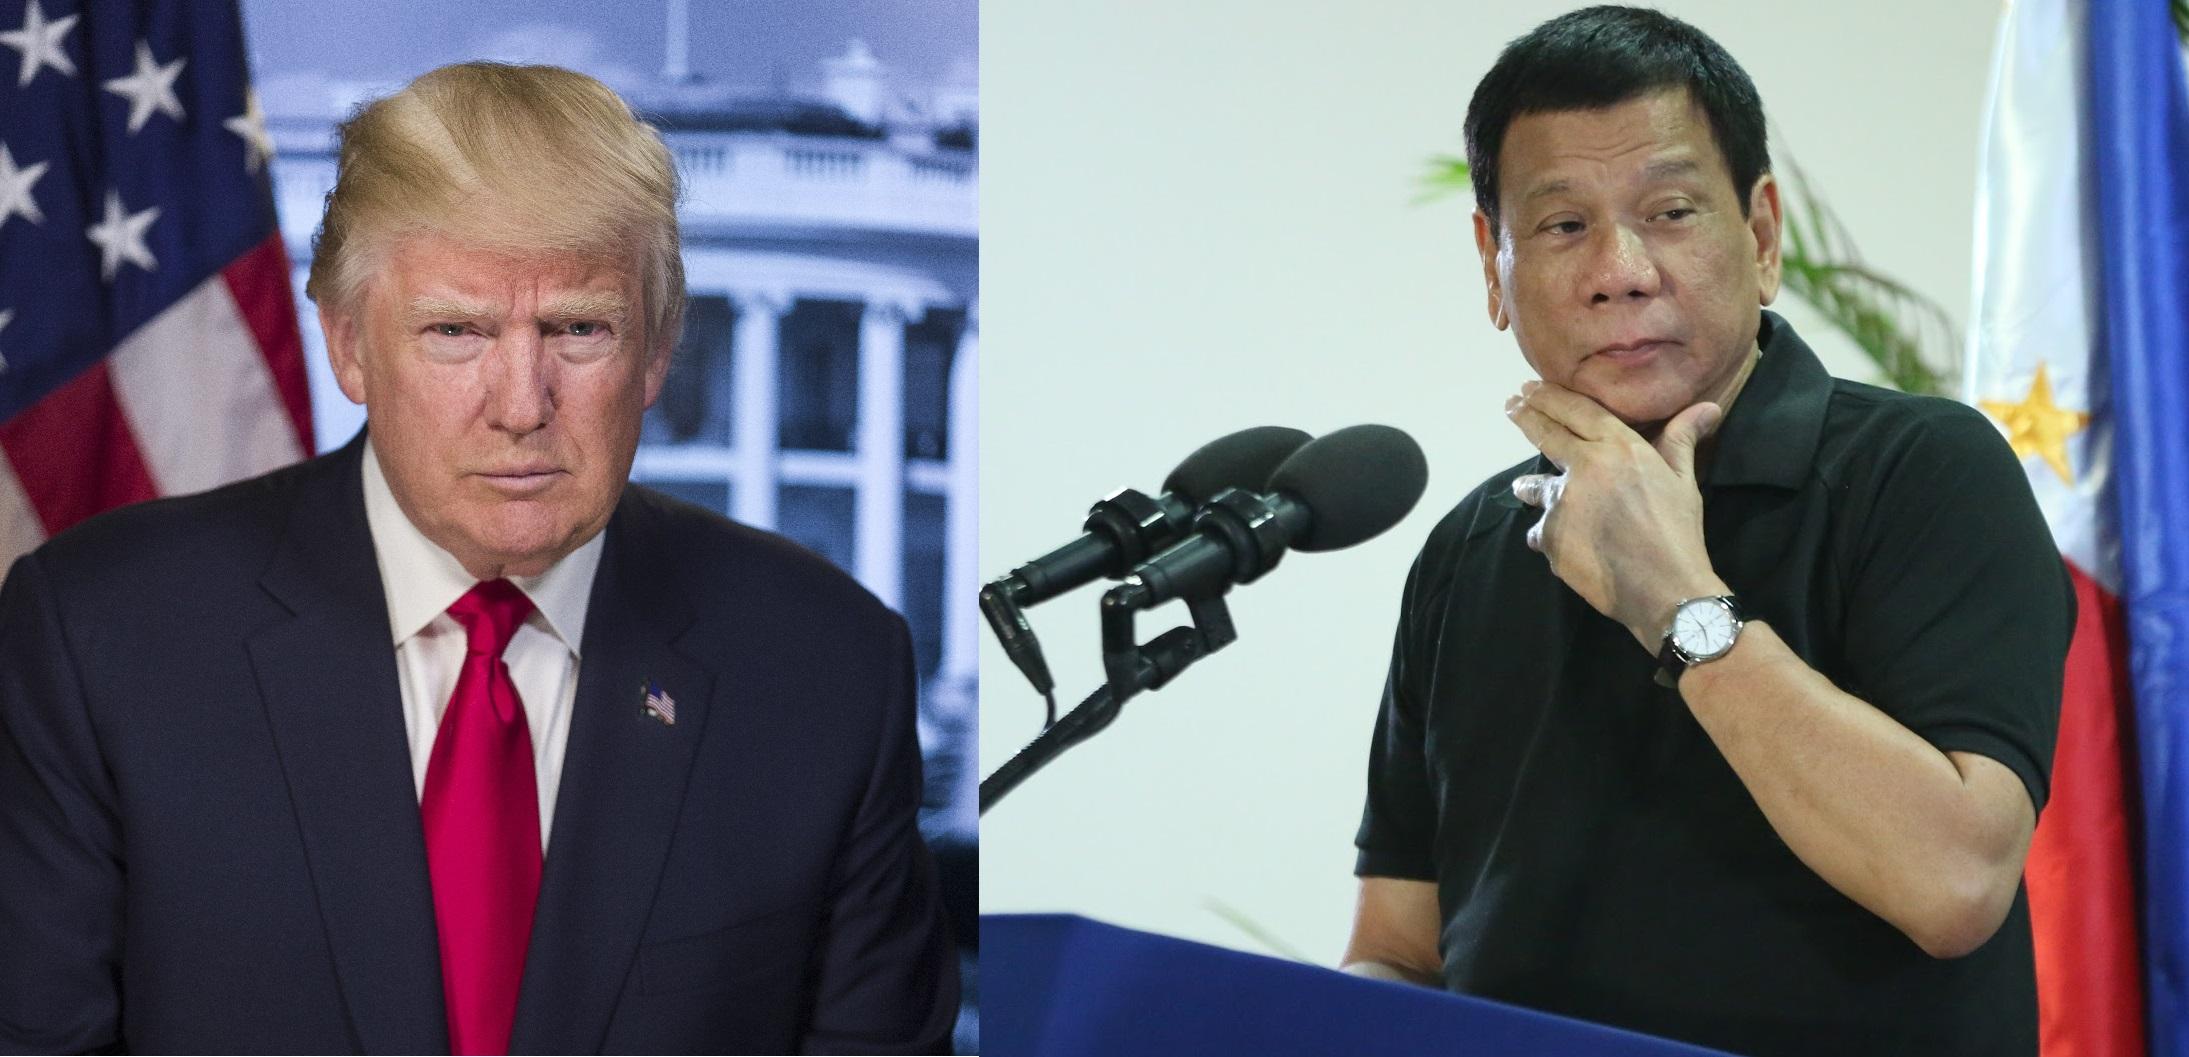 Donald Trump and Rodrigo Duterte. Wikimedia Commons